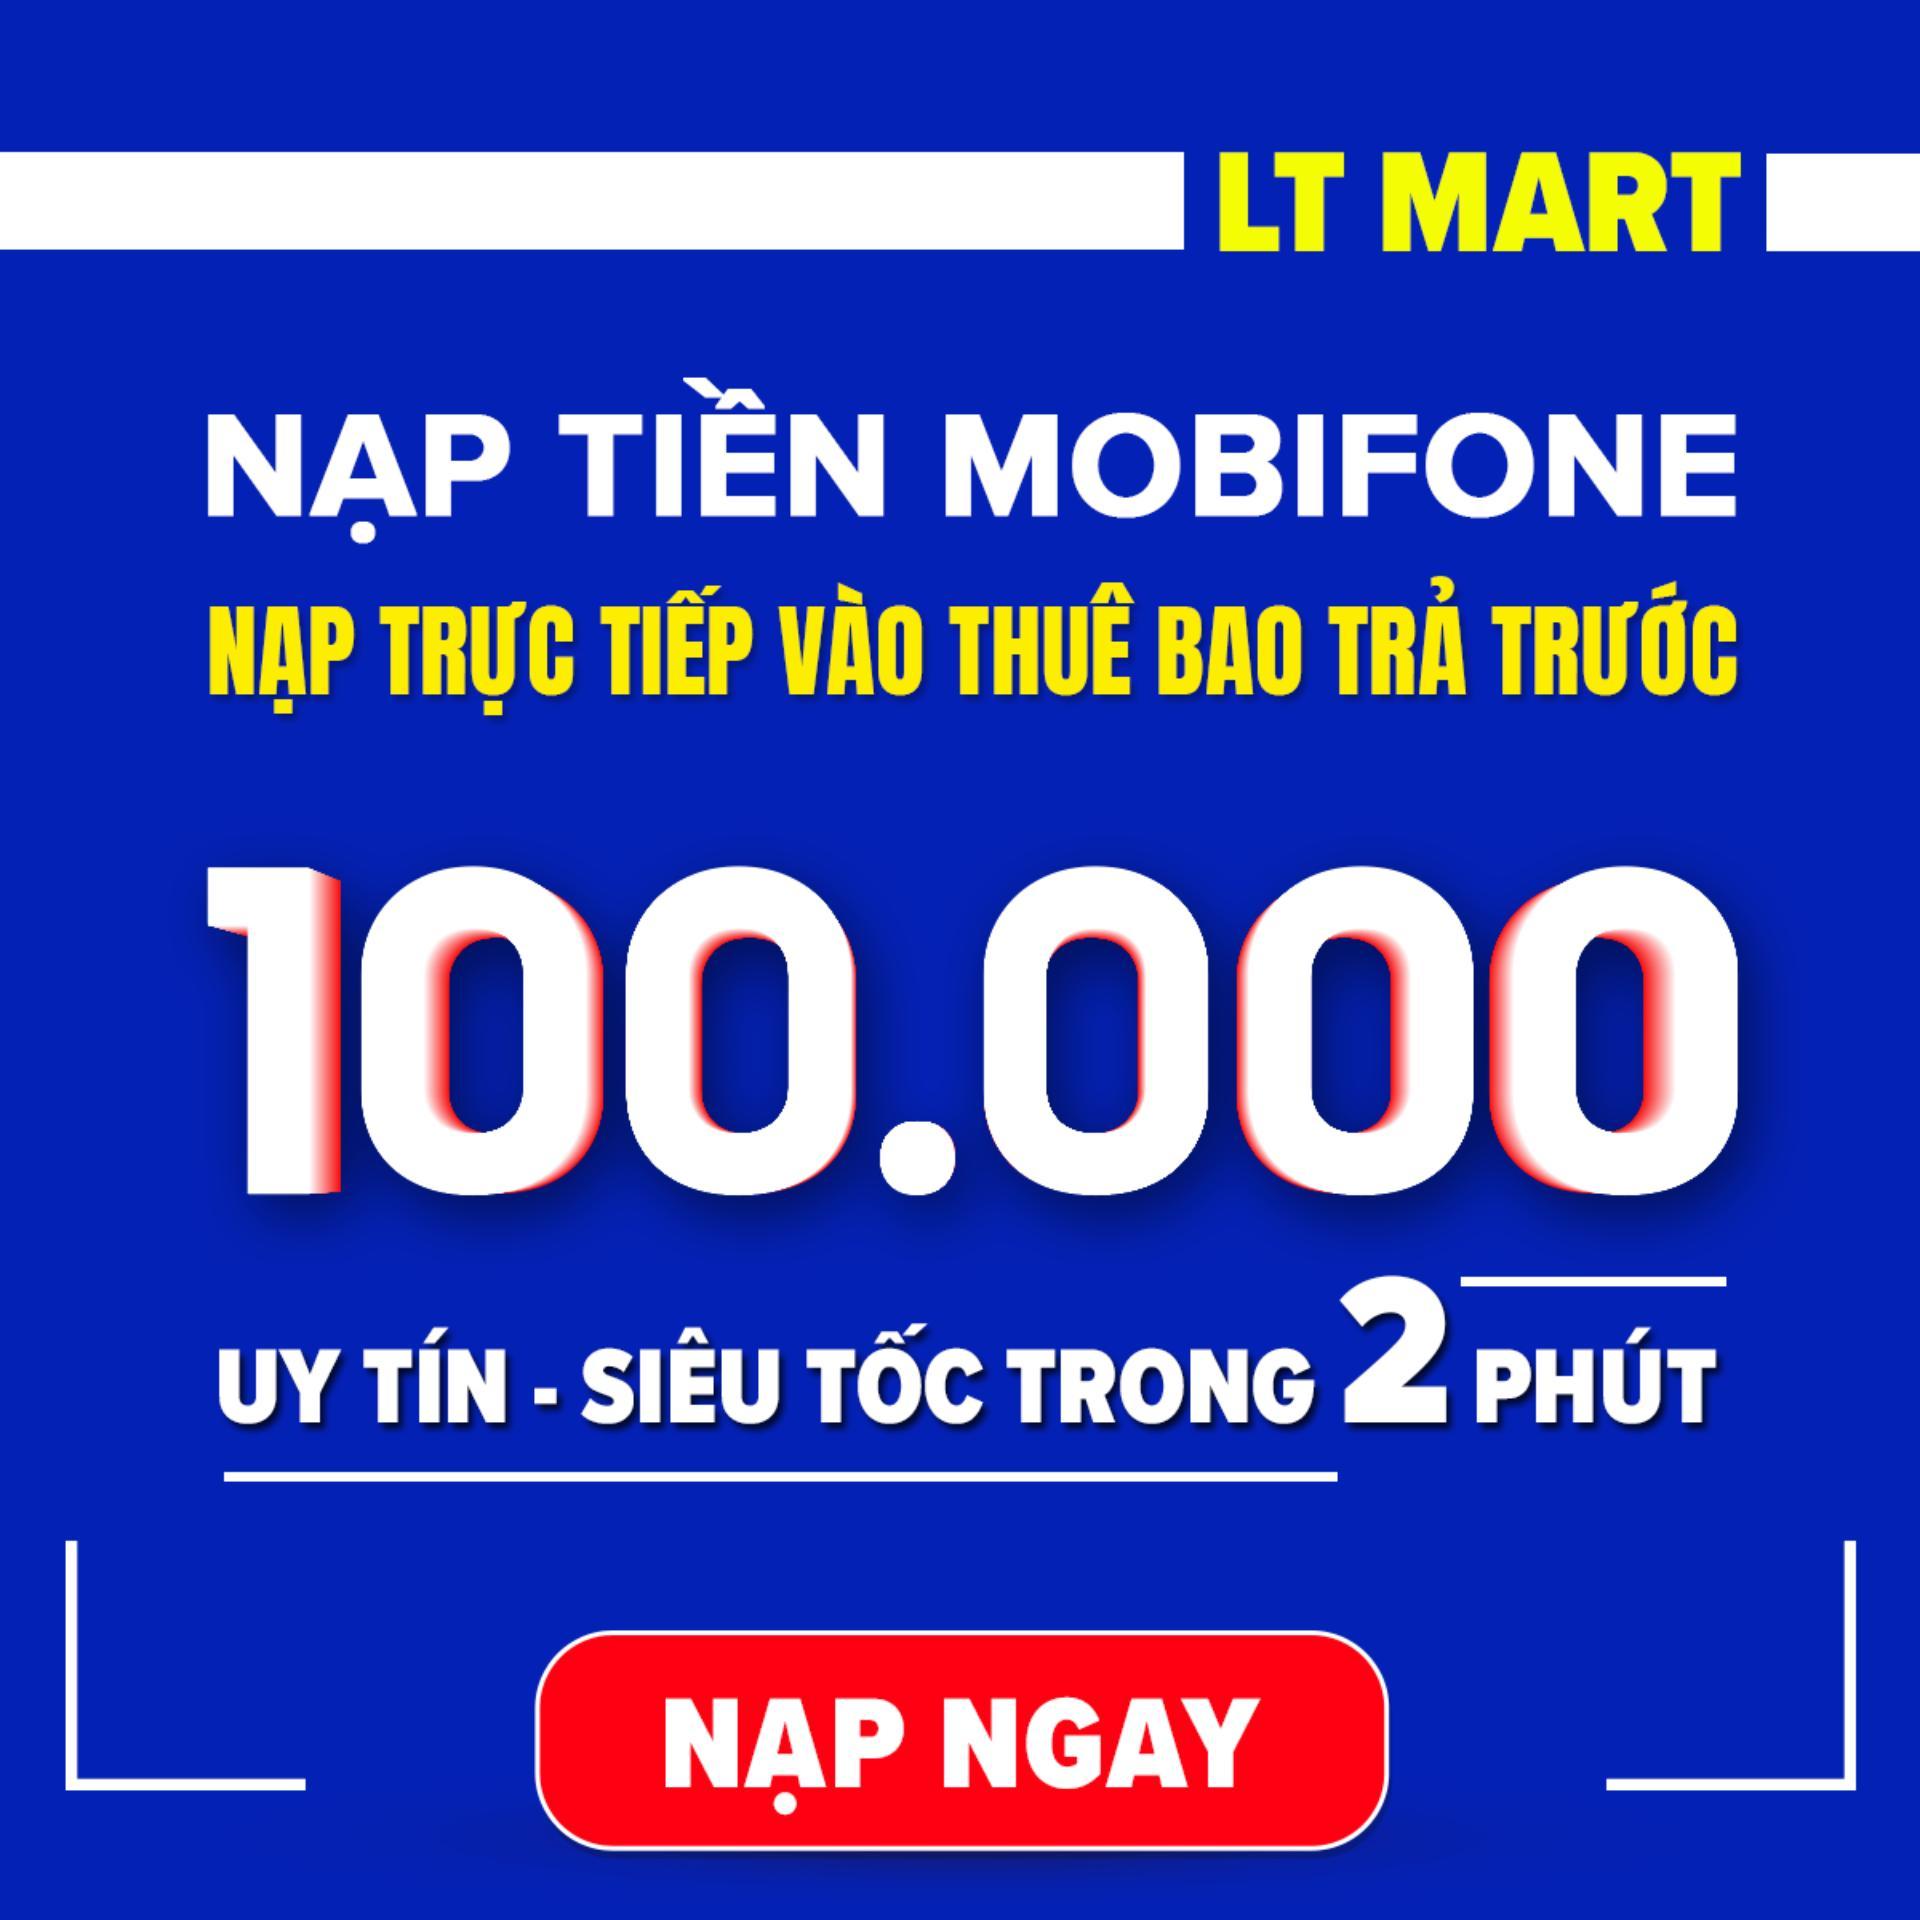 Nạp tiền Mobifone 100.000 thuê bao trả trước LTmart (Nạp tiền trực tiếp vào thuê bao Mobifone trả trước) Uy tín Có ngay sau 2 phút..[Mobifone][100000]